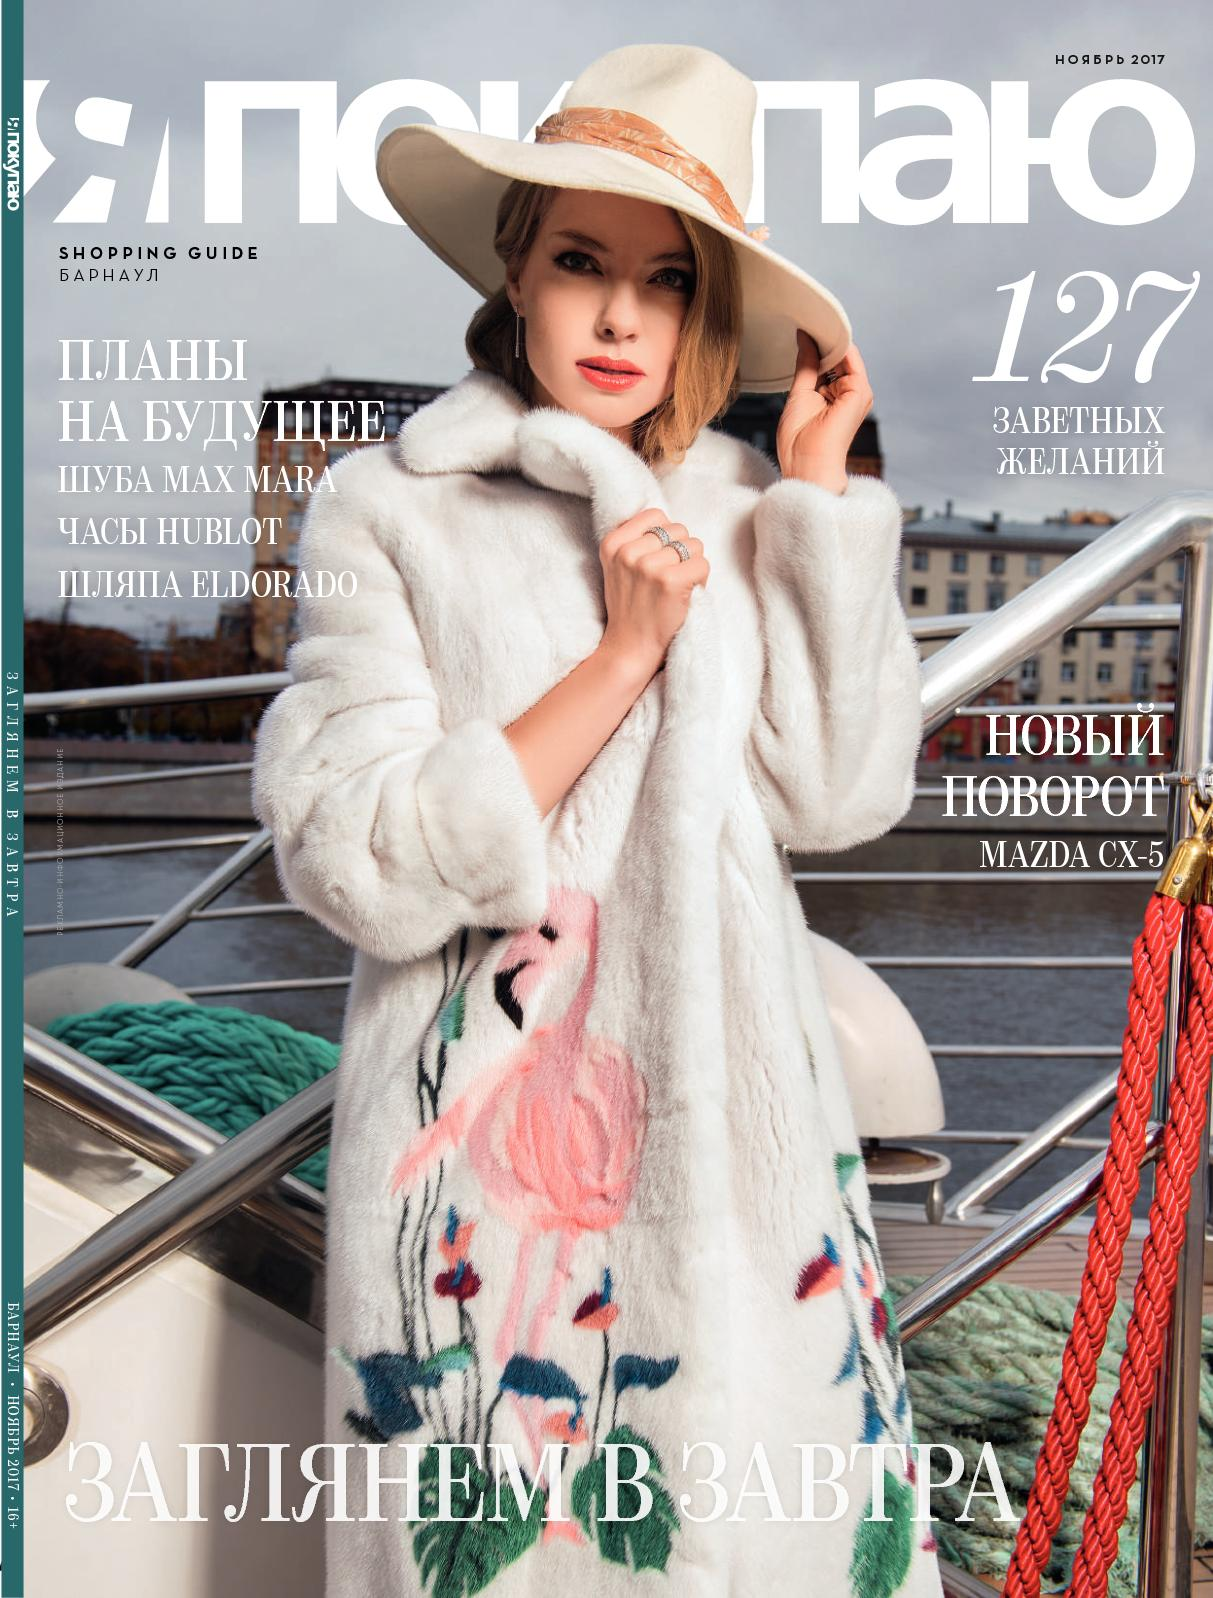 6b964718a6a2 Calaméo - Shopping Guide «Я Покупаю. Барнаул», ноябрь 2017